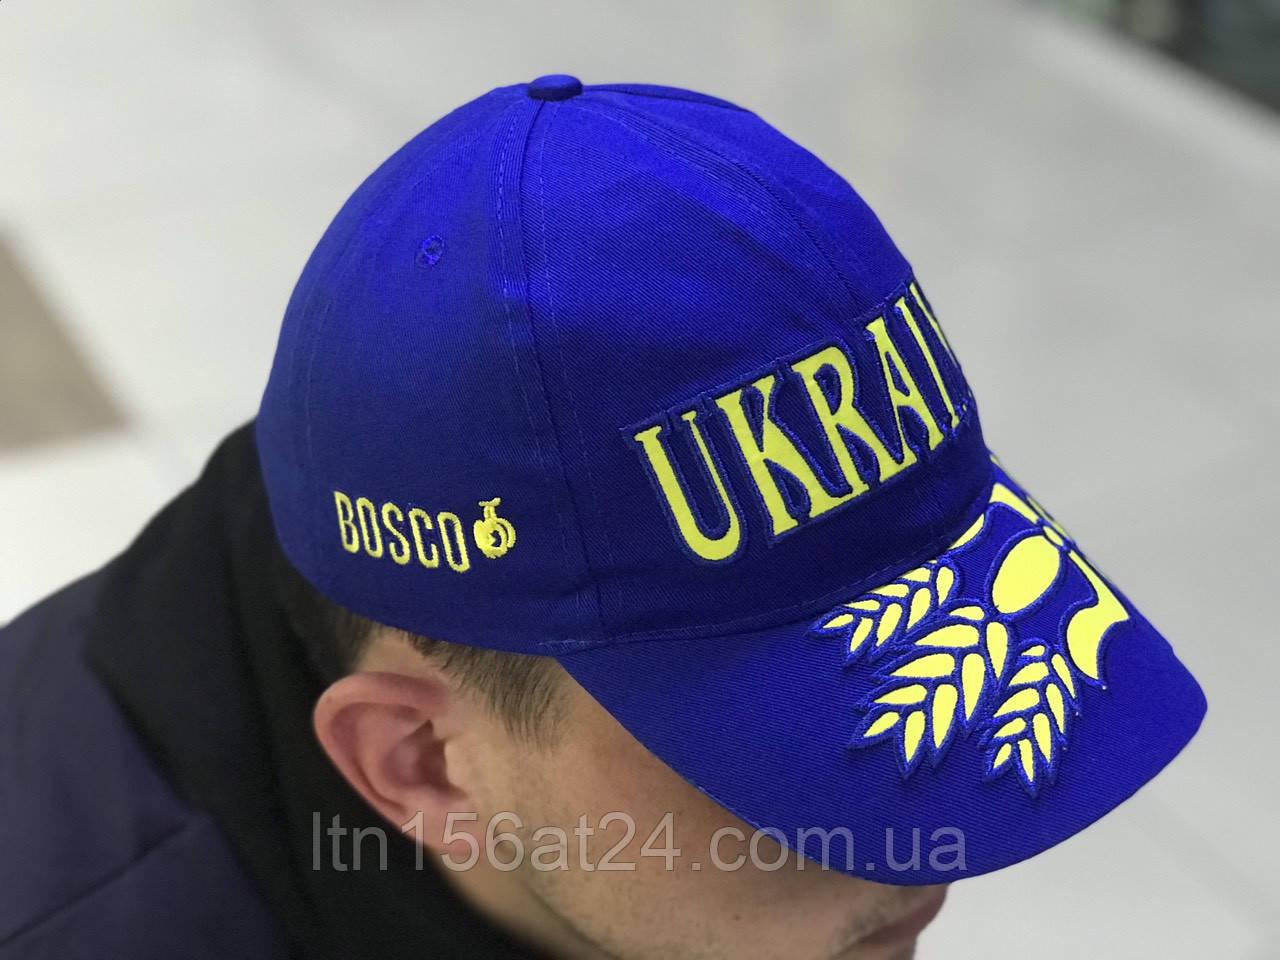 Кепки  Bosco Sport UA  синие и желтые в наличии